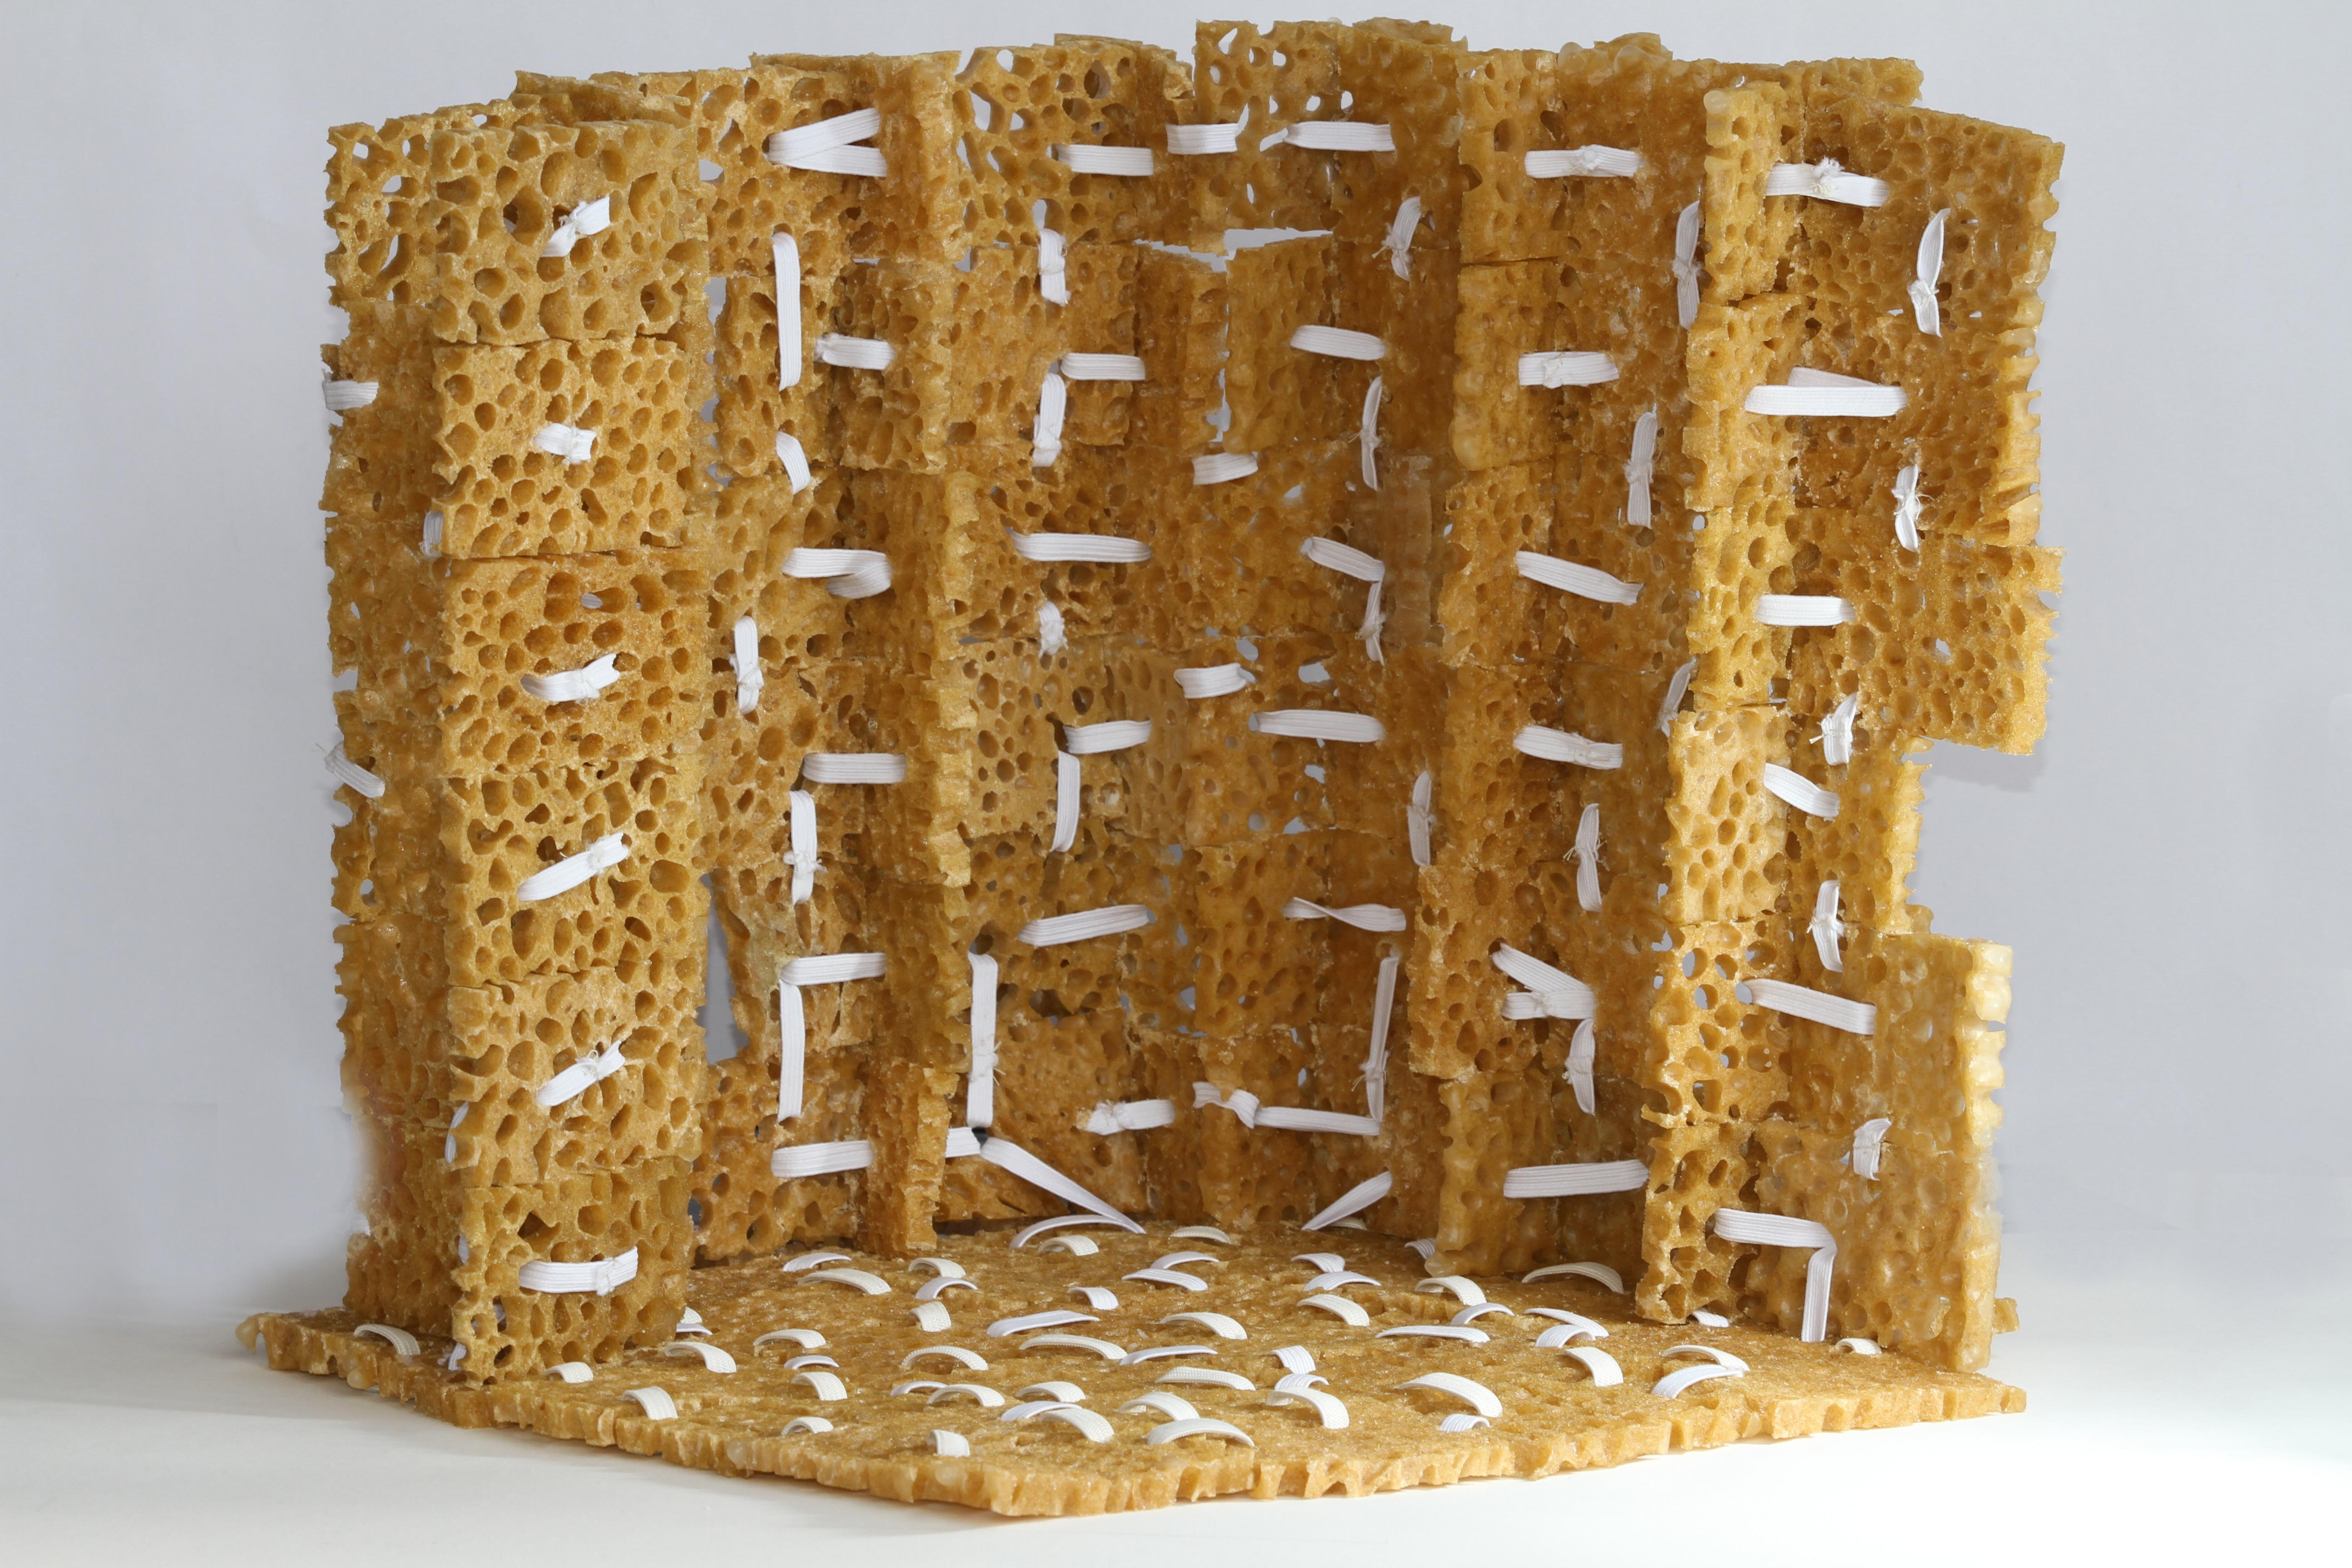 Sponge & Rubber walls